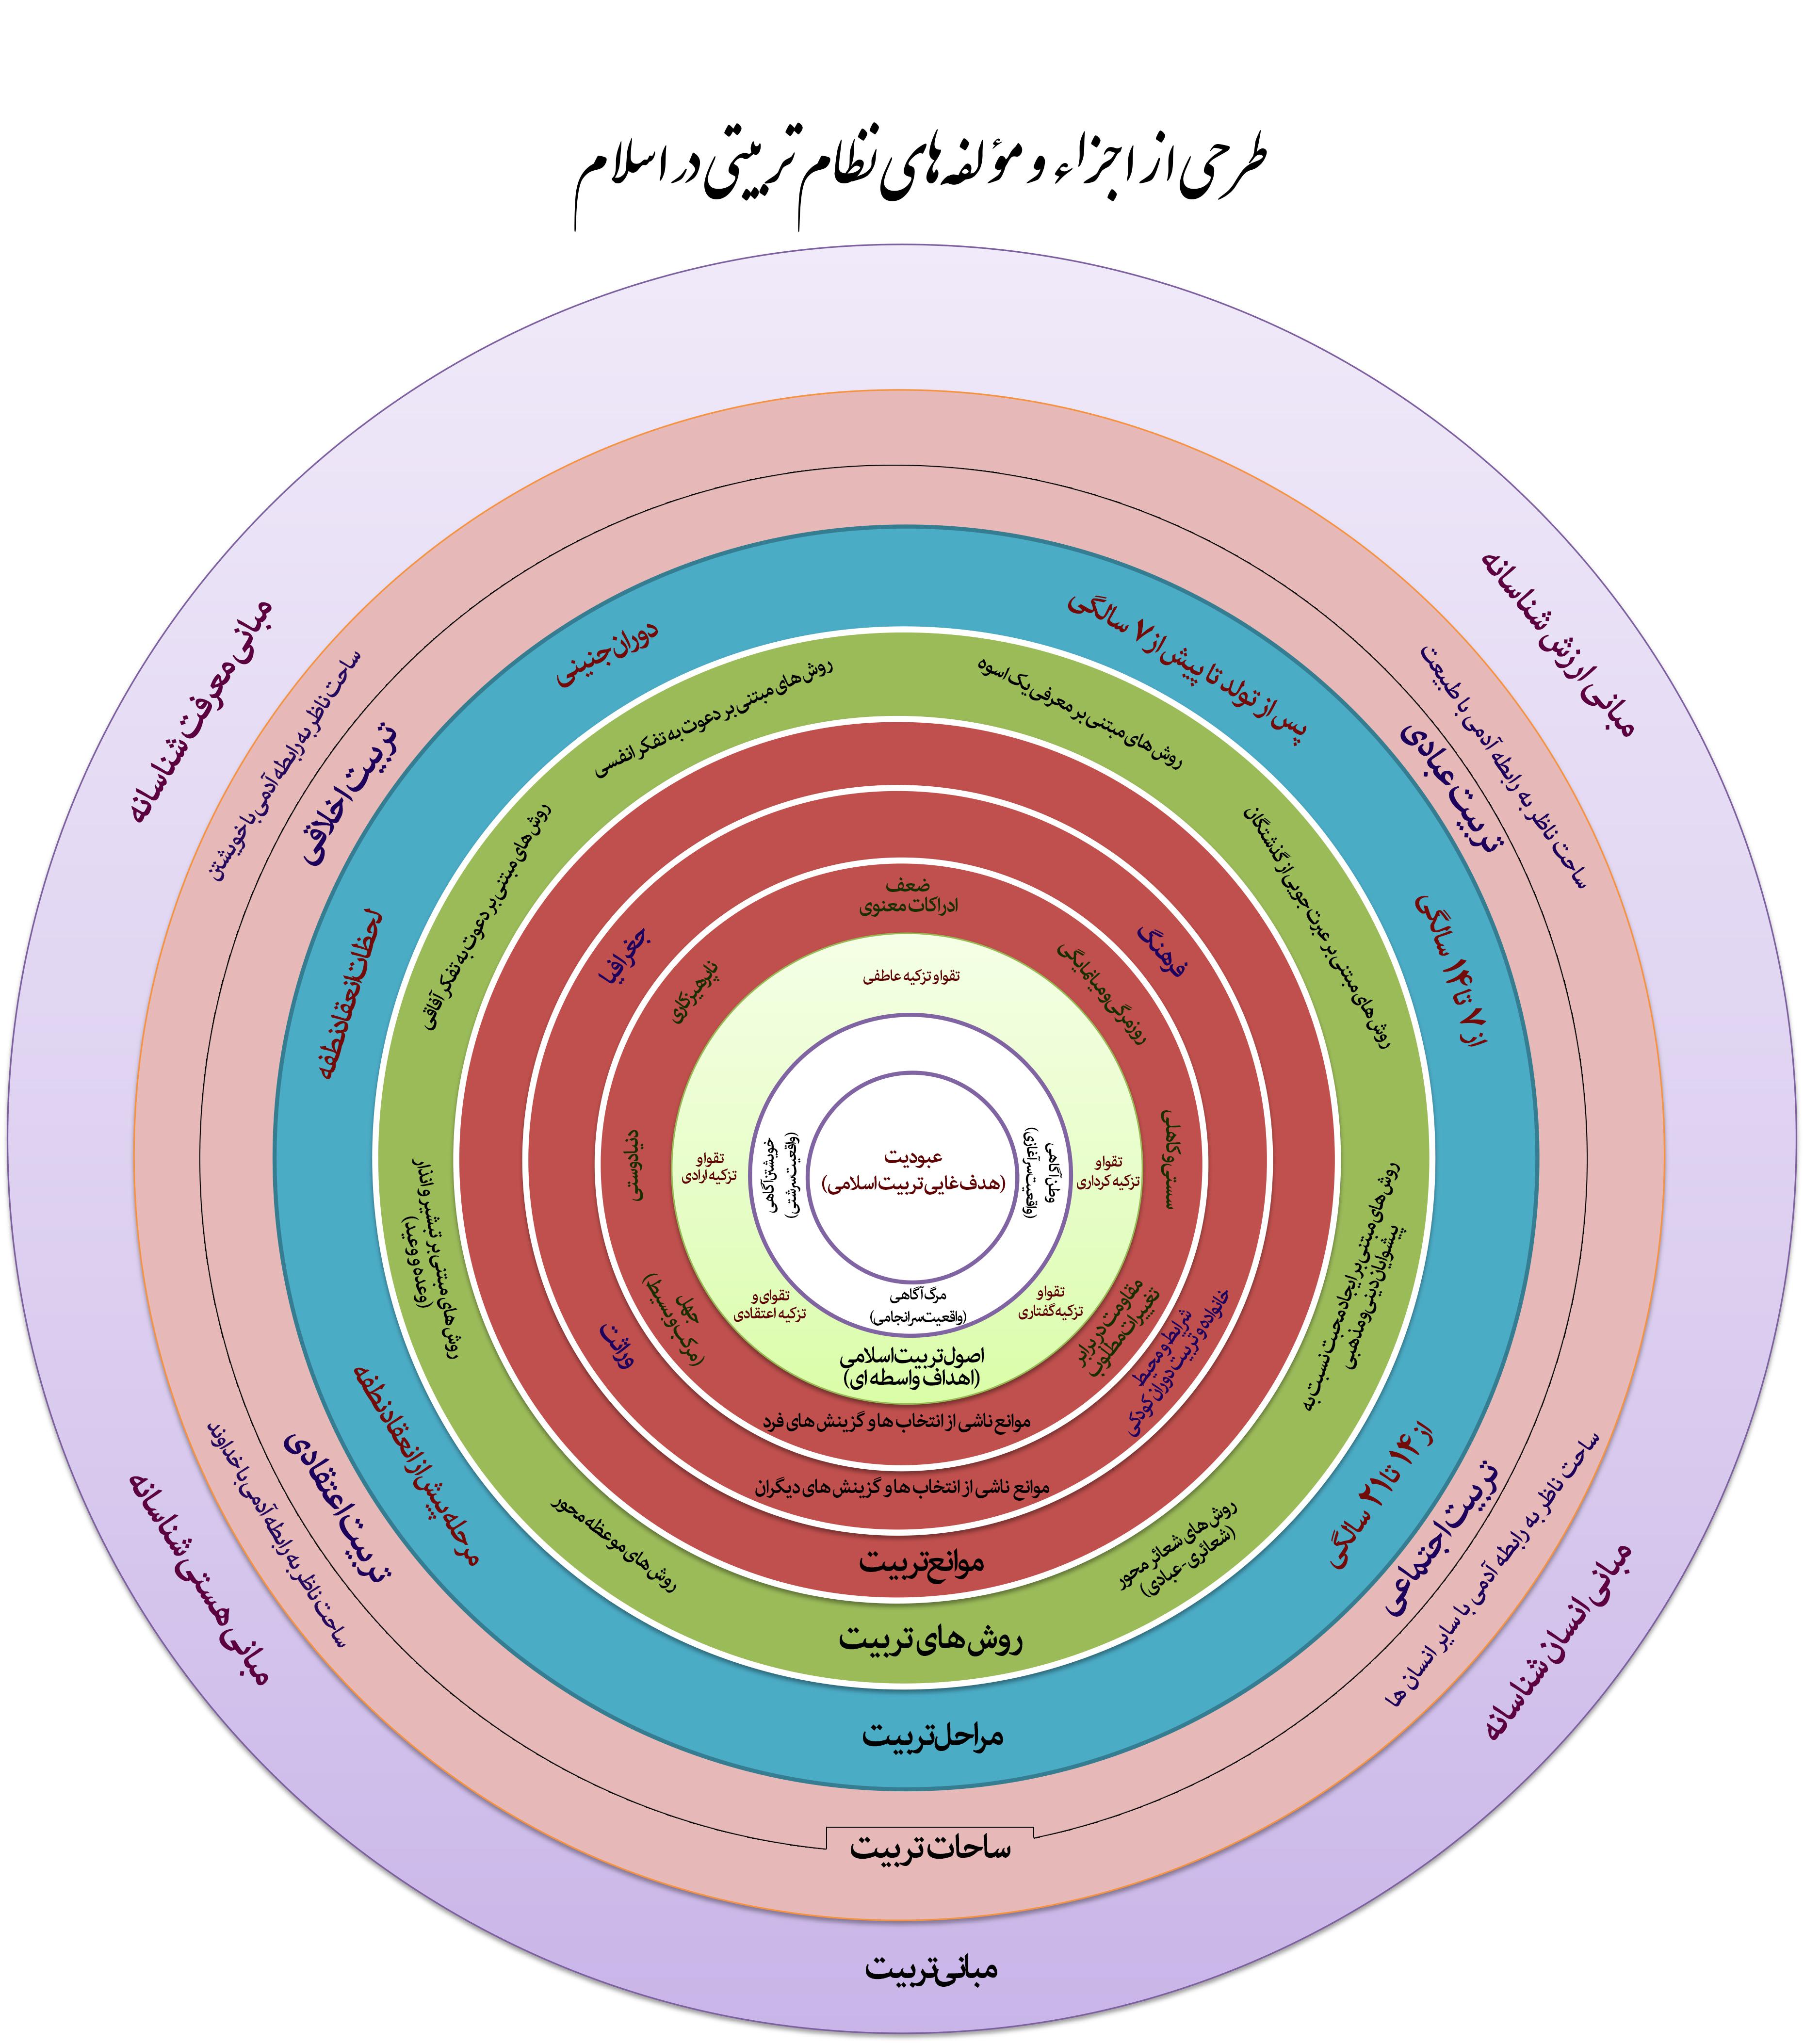 طرحی از نظام تربیتی اسلام